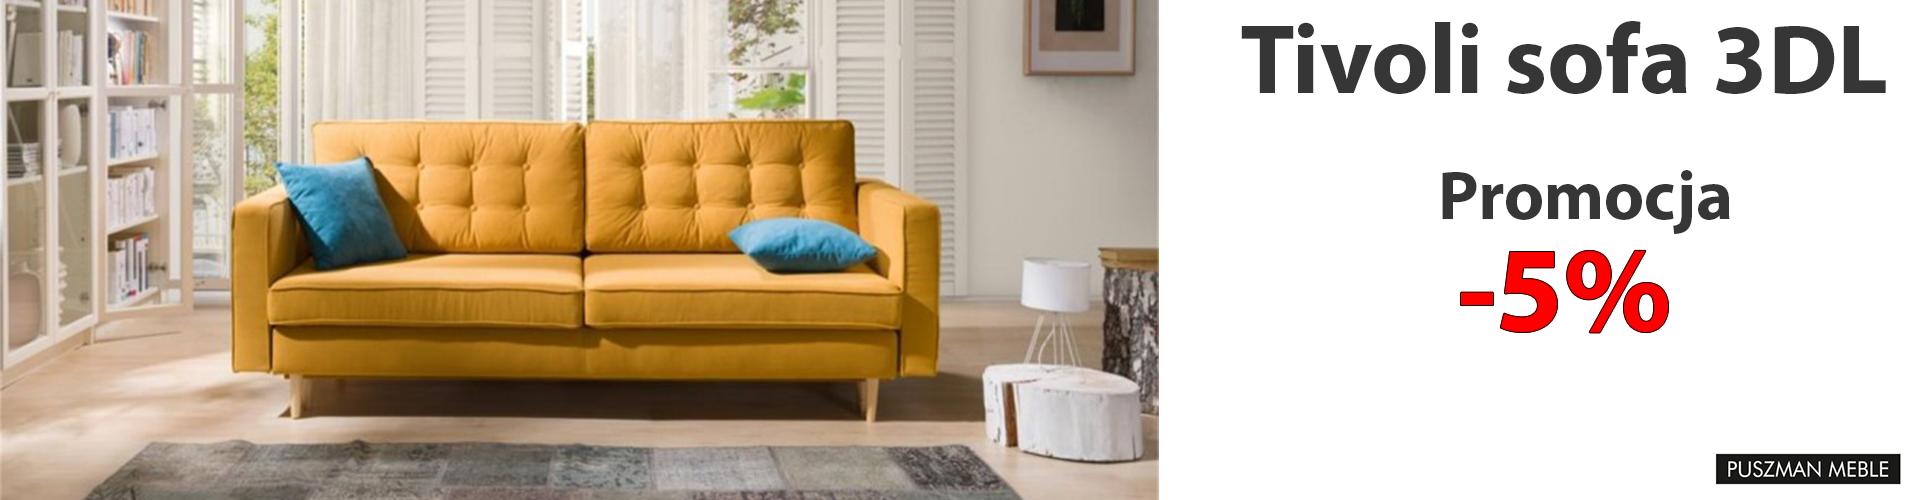 Tivoli sofa 3DL